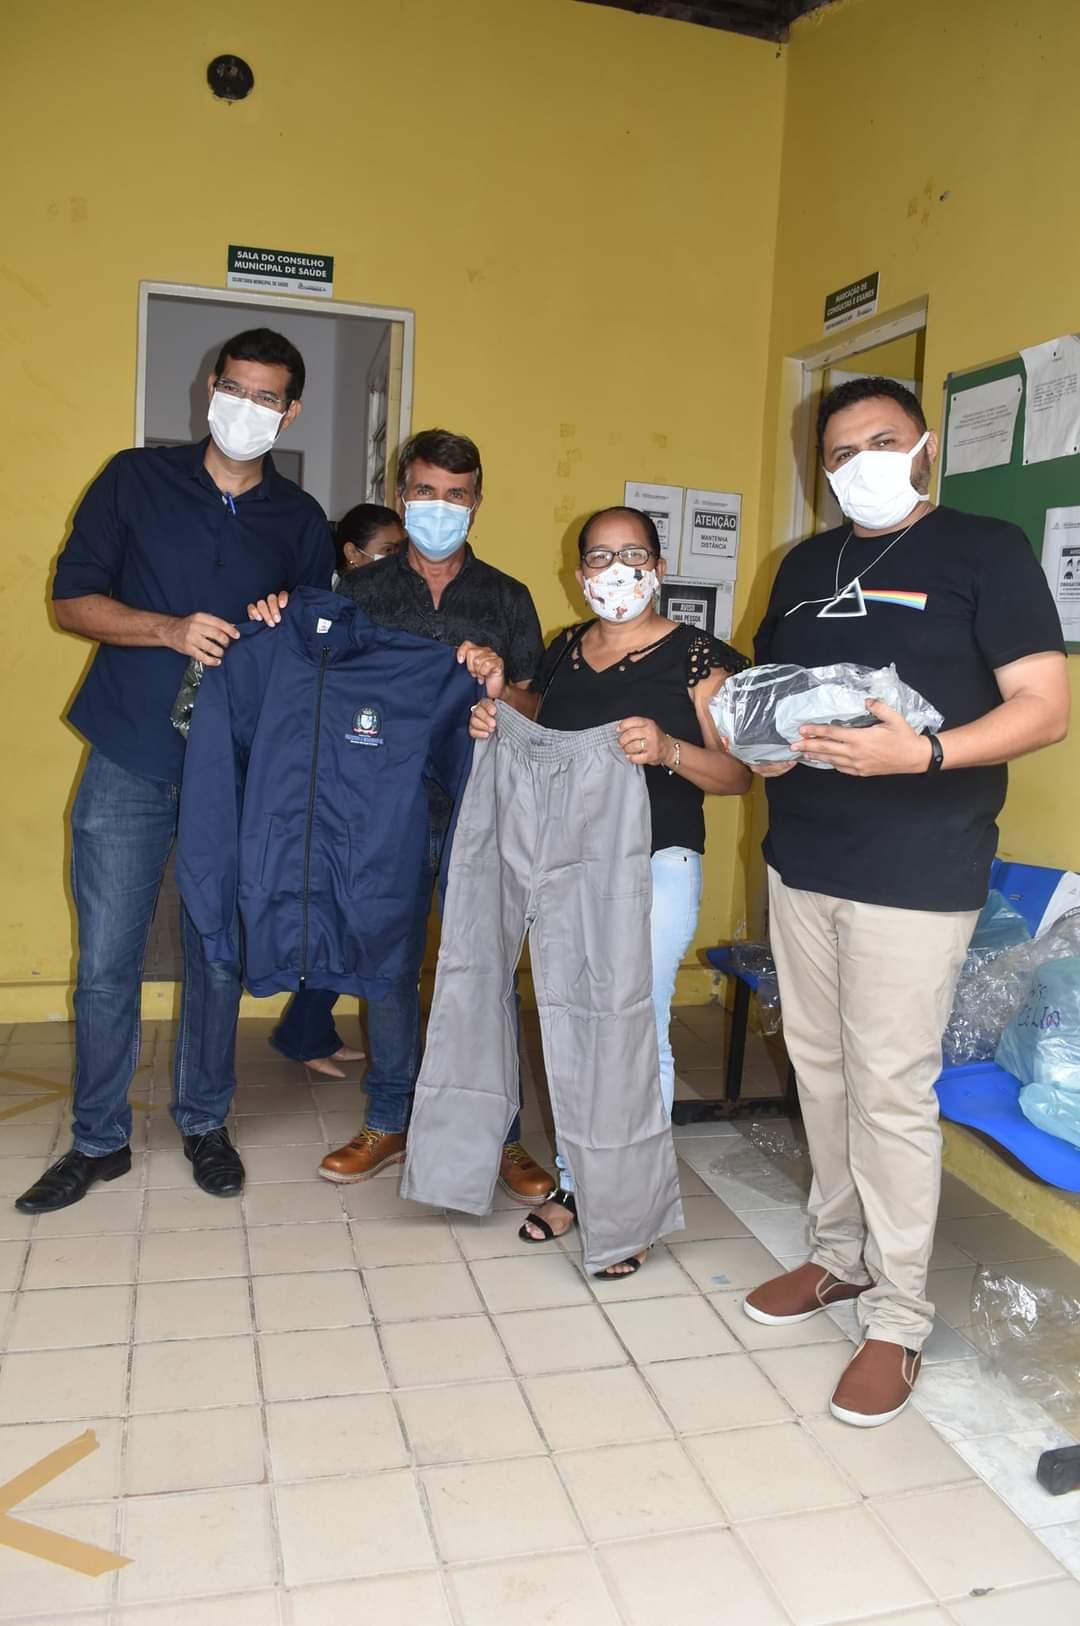 Prefeito João Luiz faz entrega de fardamento para profissionais da saúde e materiais para a vacinação contra a Covid-19 - Imagem 4